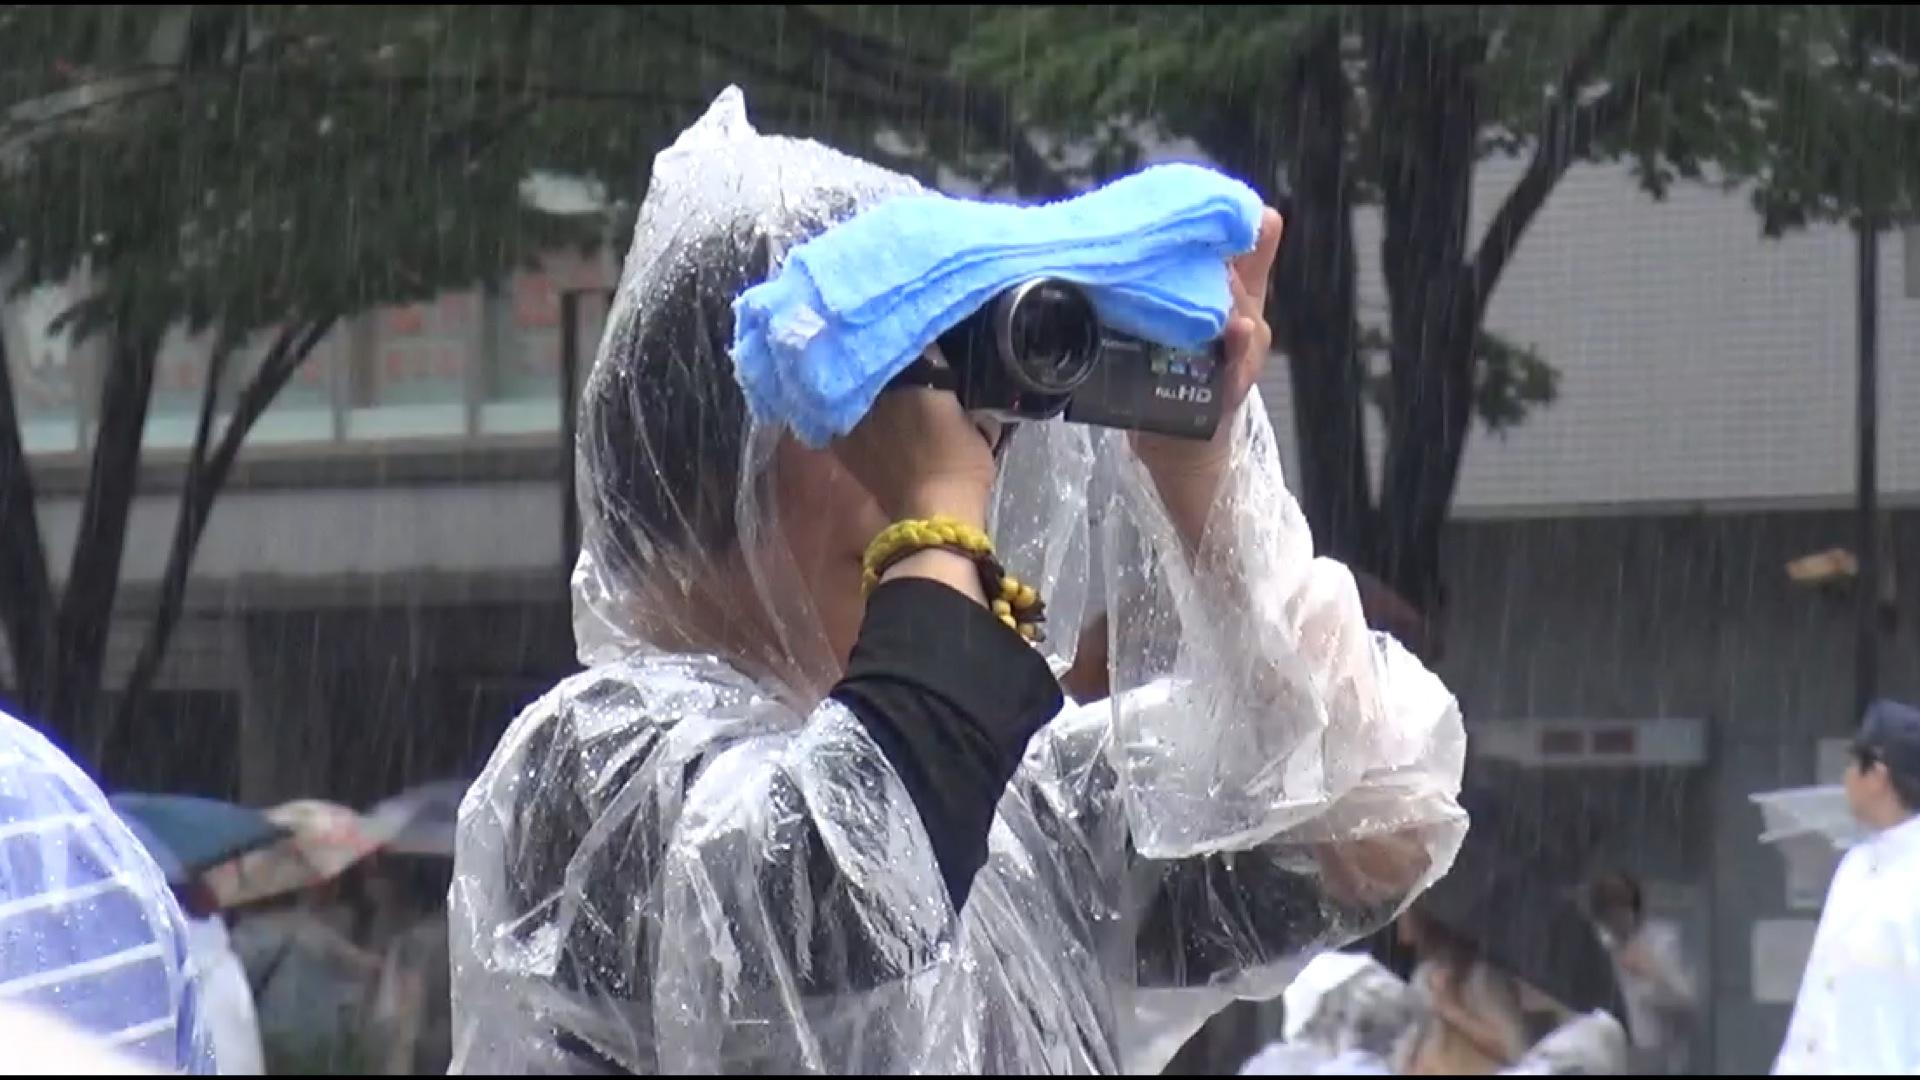 Frau filmt im Regen und benutzt die gleiche Kamera wie ich